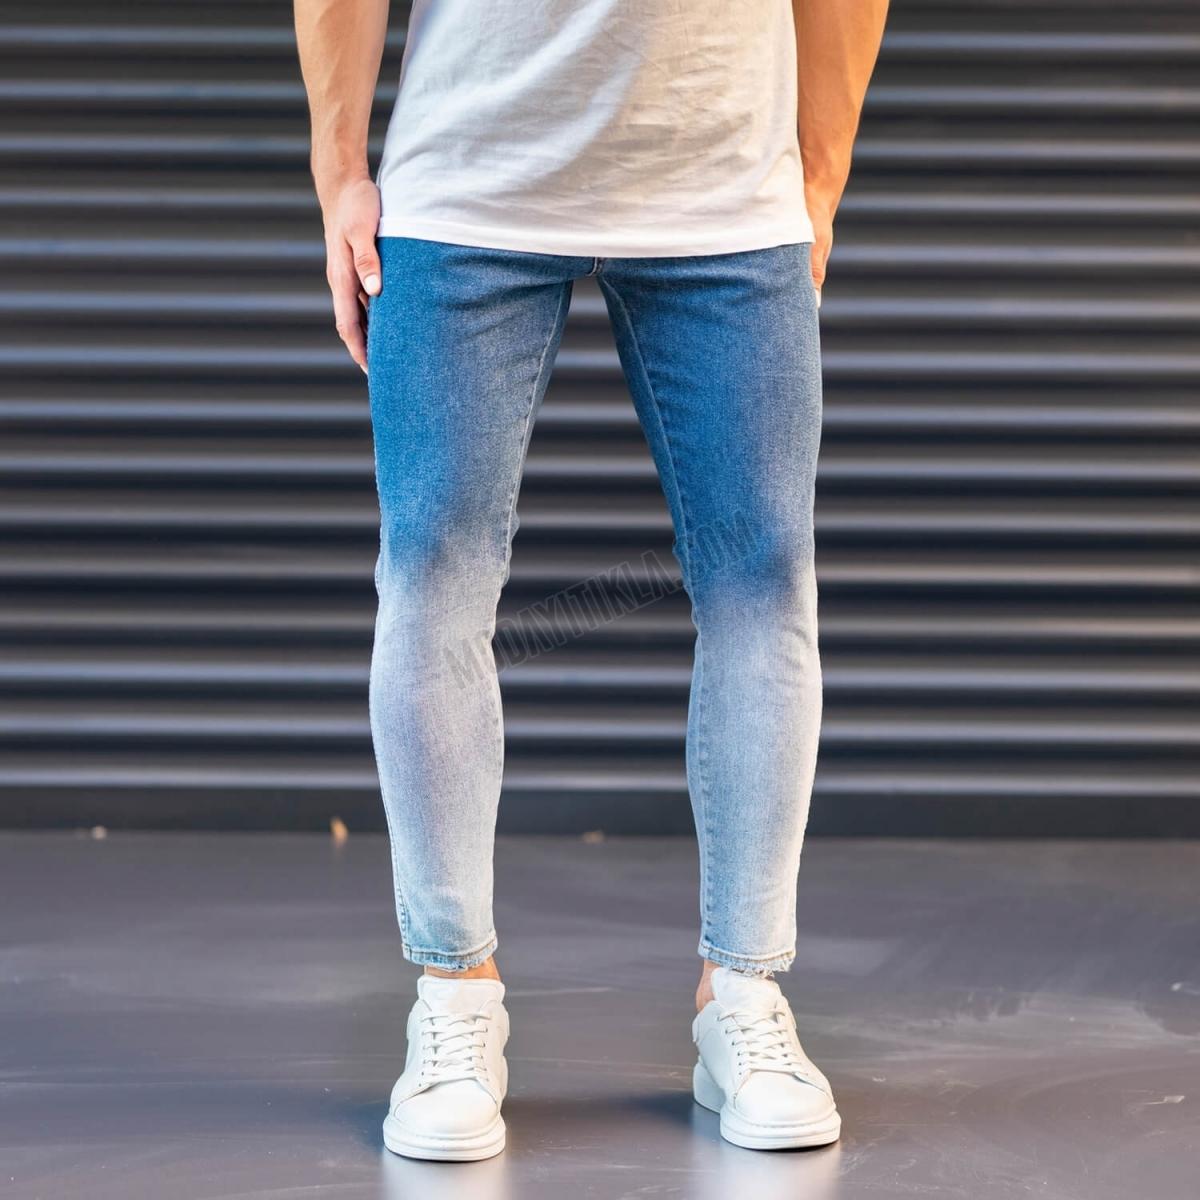 Erkek Geçiş Taşlamalı Jeans